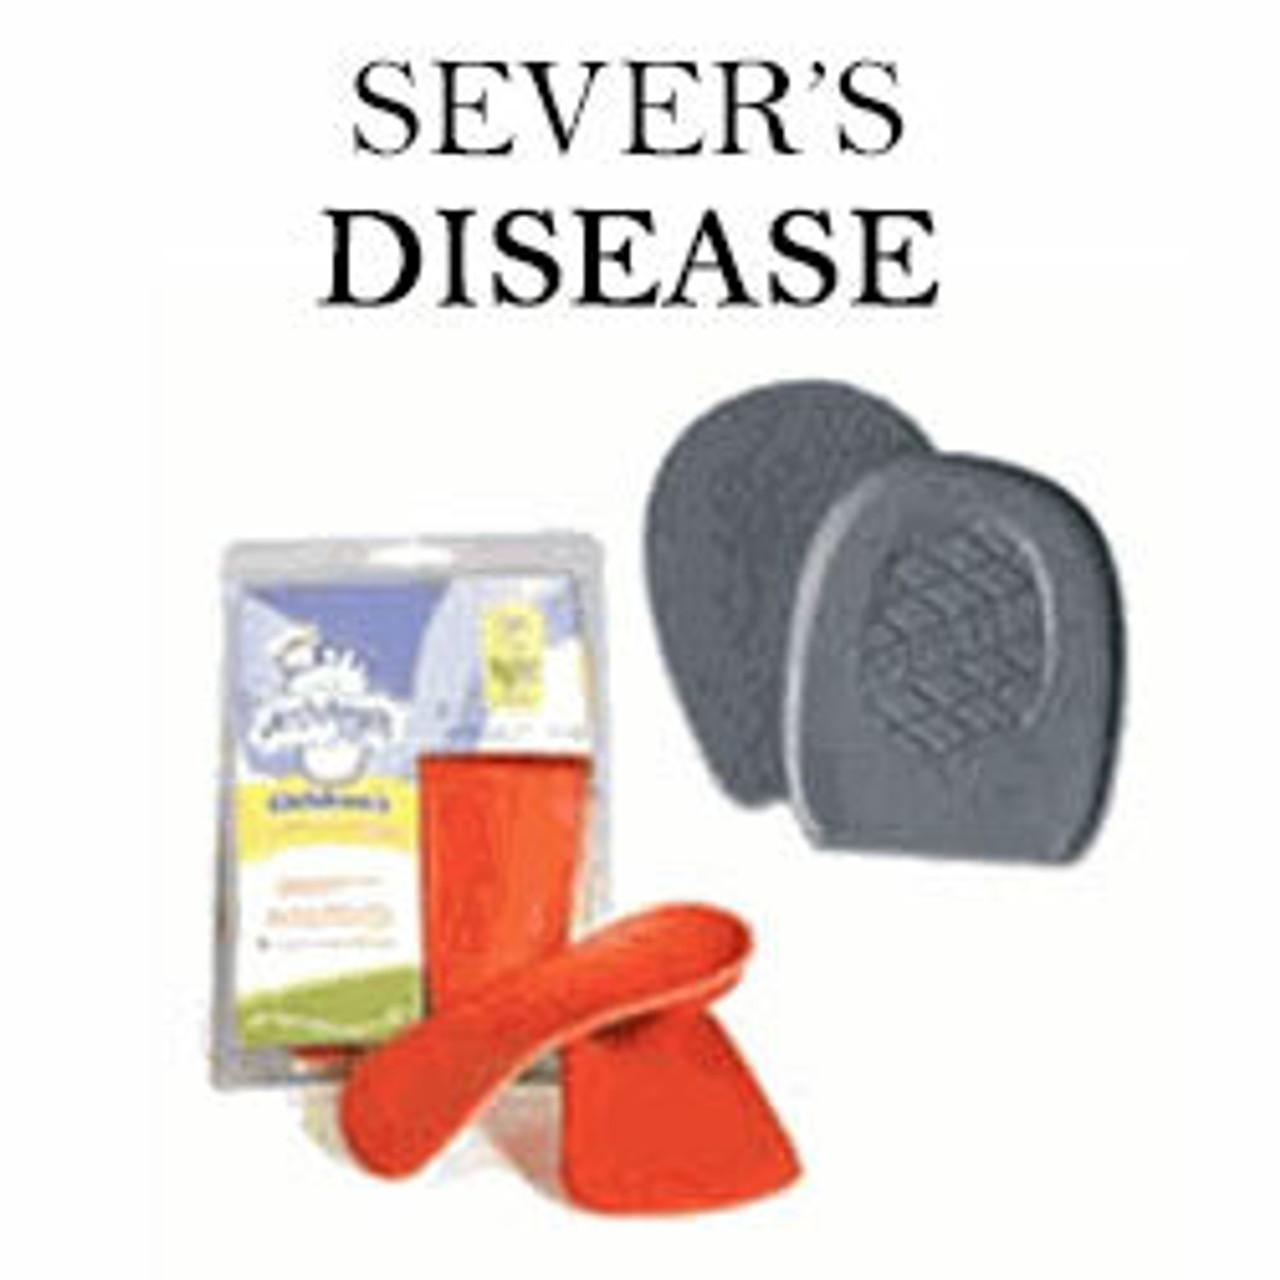 Severs Disease Footwear & Footcare